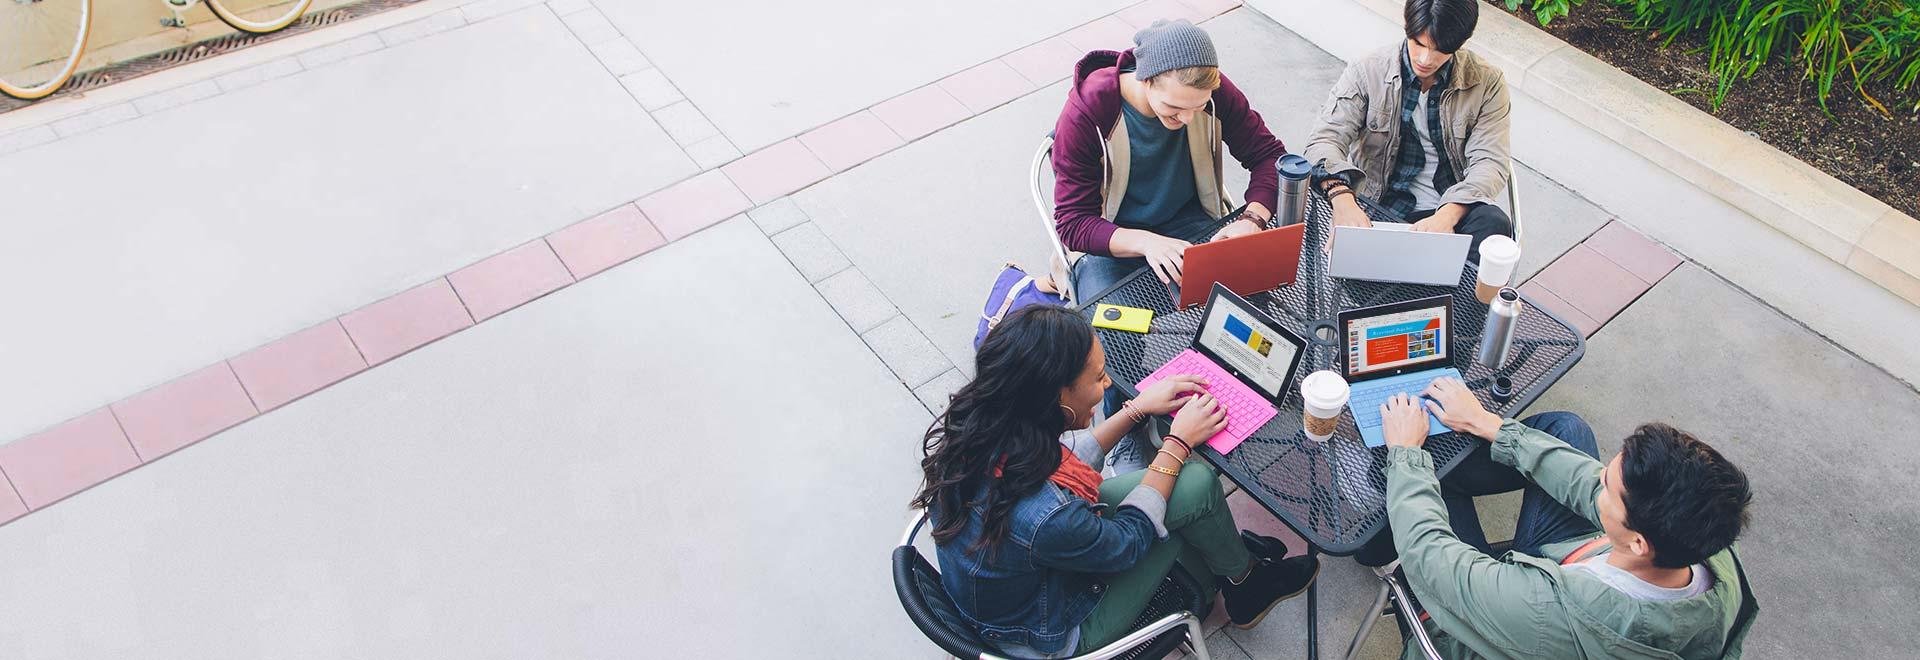 Quatre étudiants autour d'une table à l'extérieur, utilisant Office 365 pour l'éducation sur leur tablette.